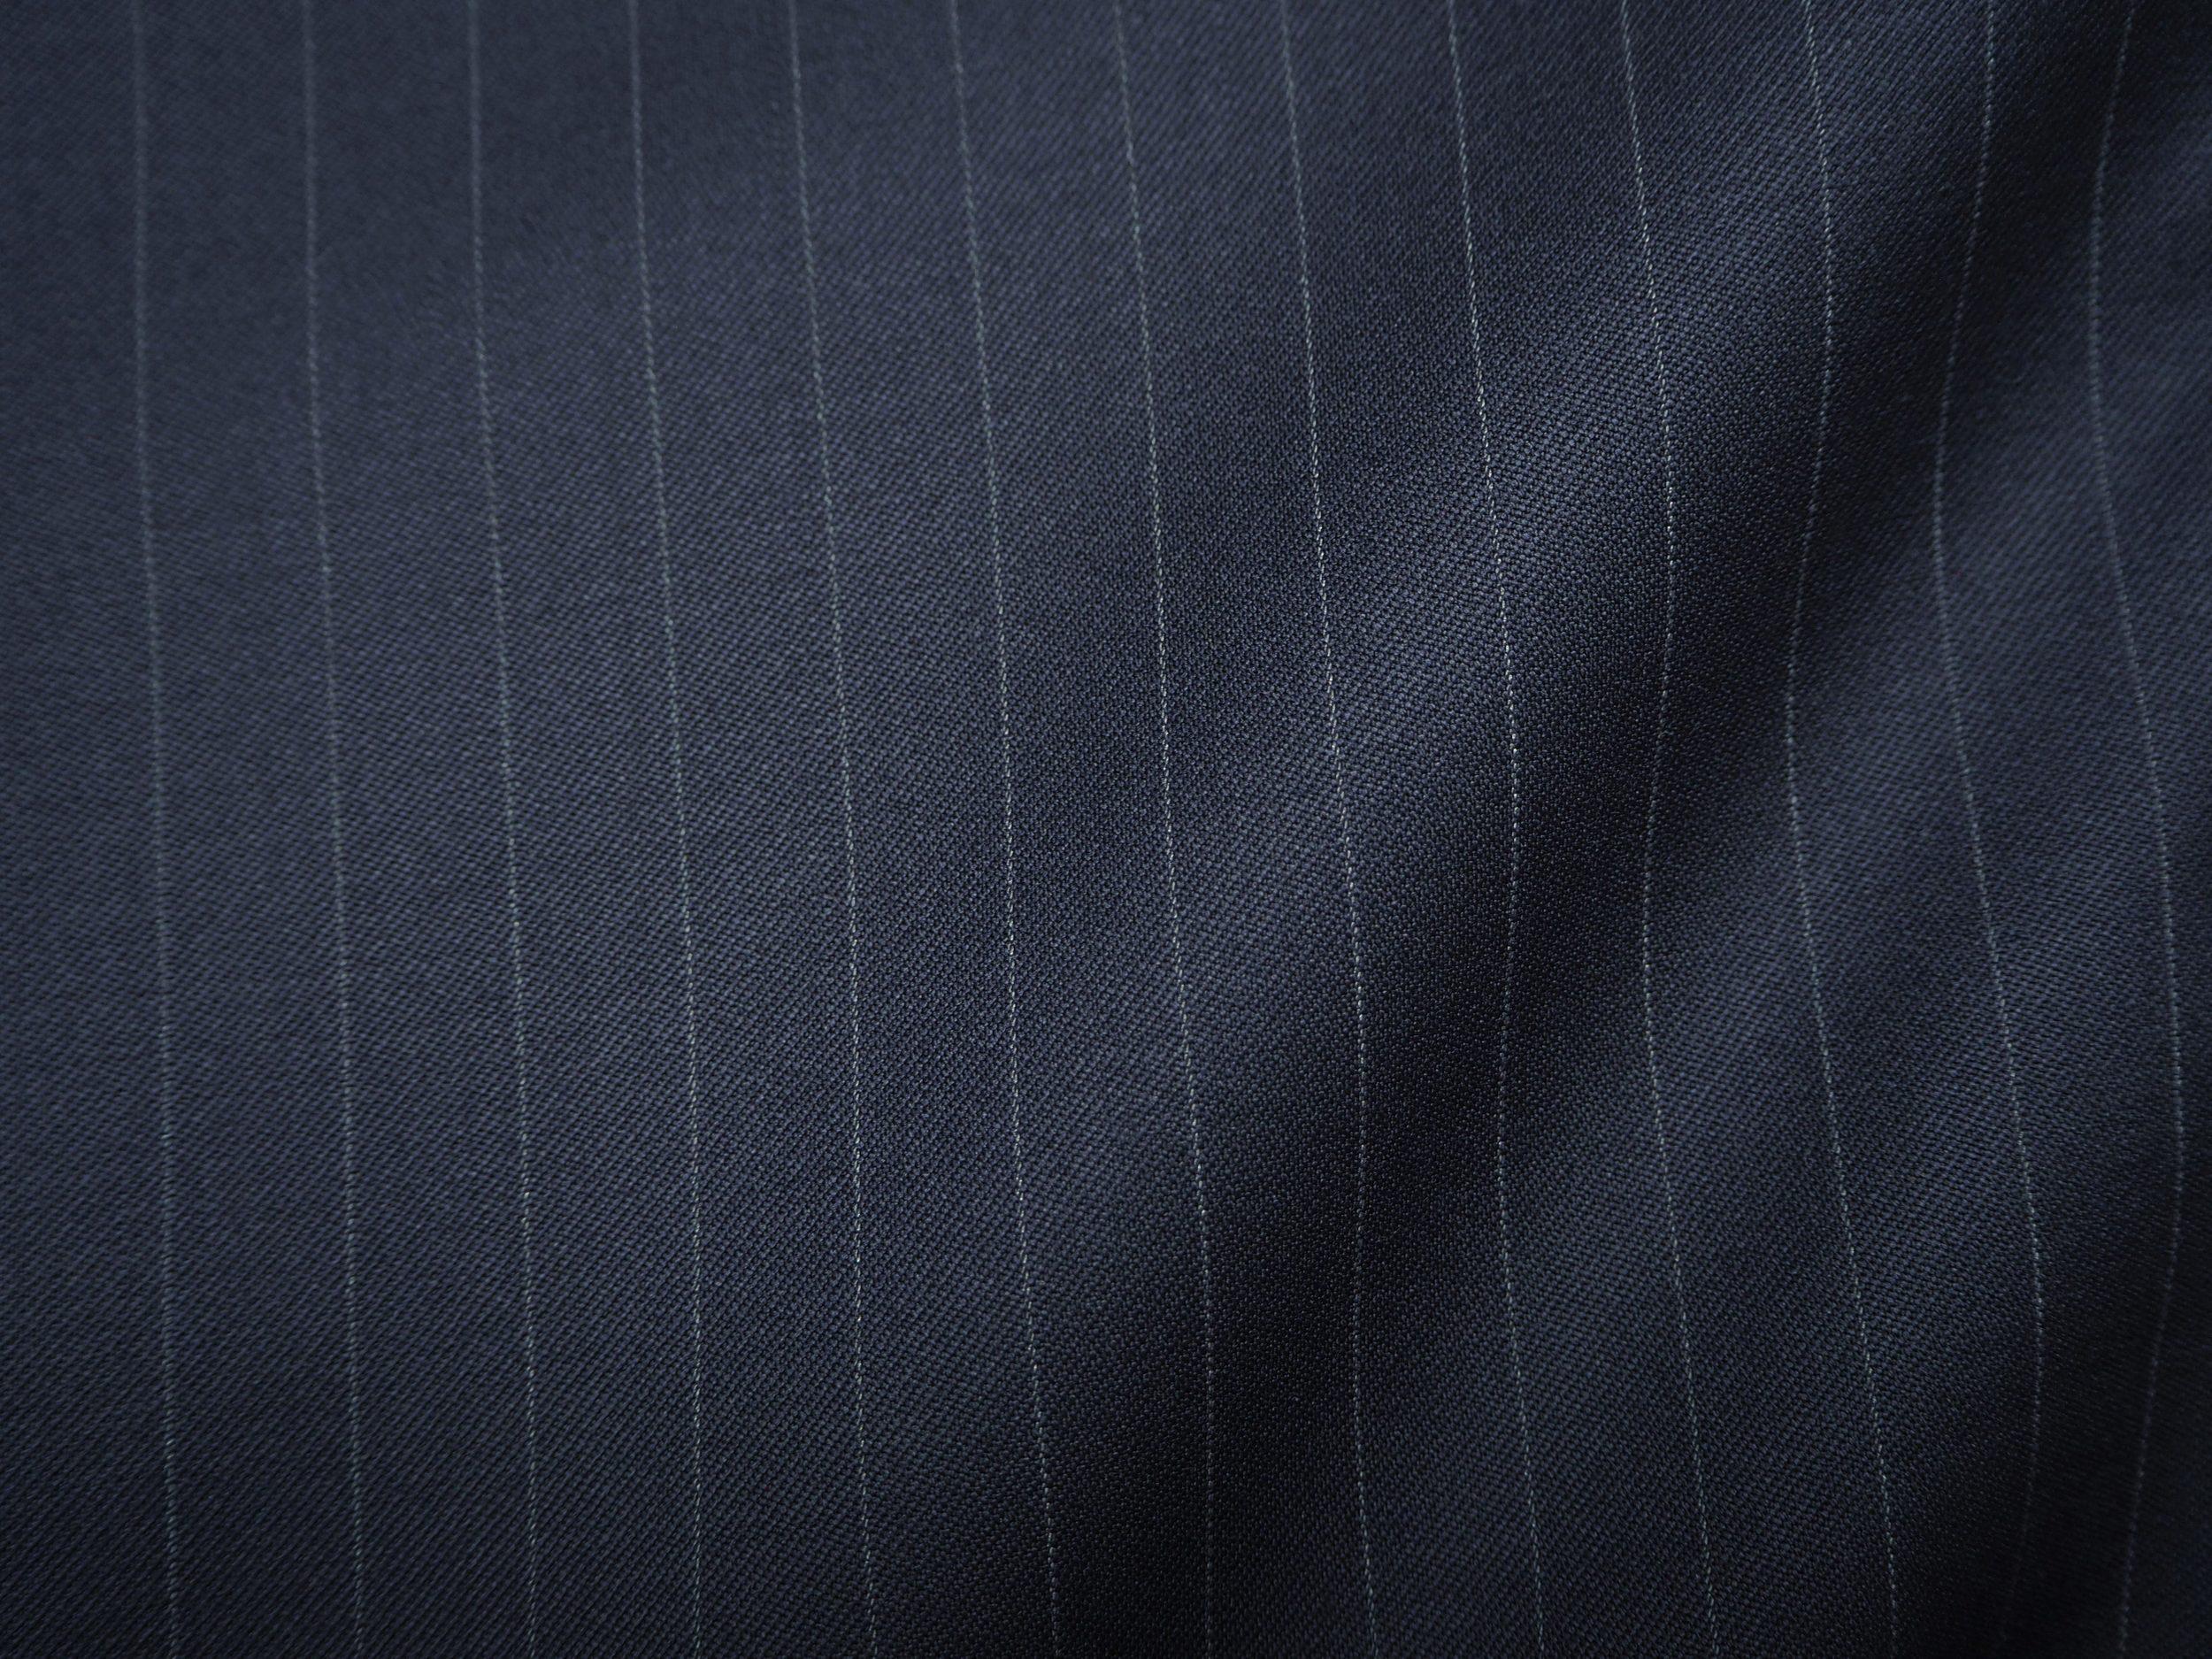 Stof---Mørkeblå-stribet.jpg